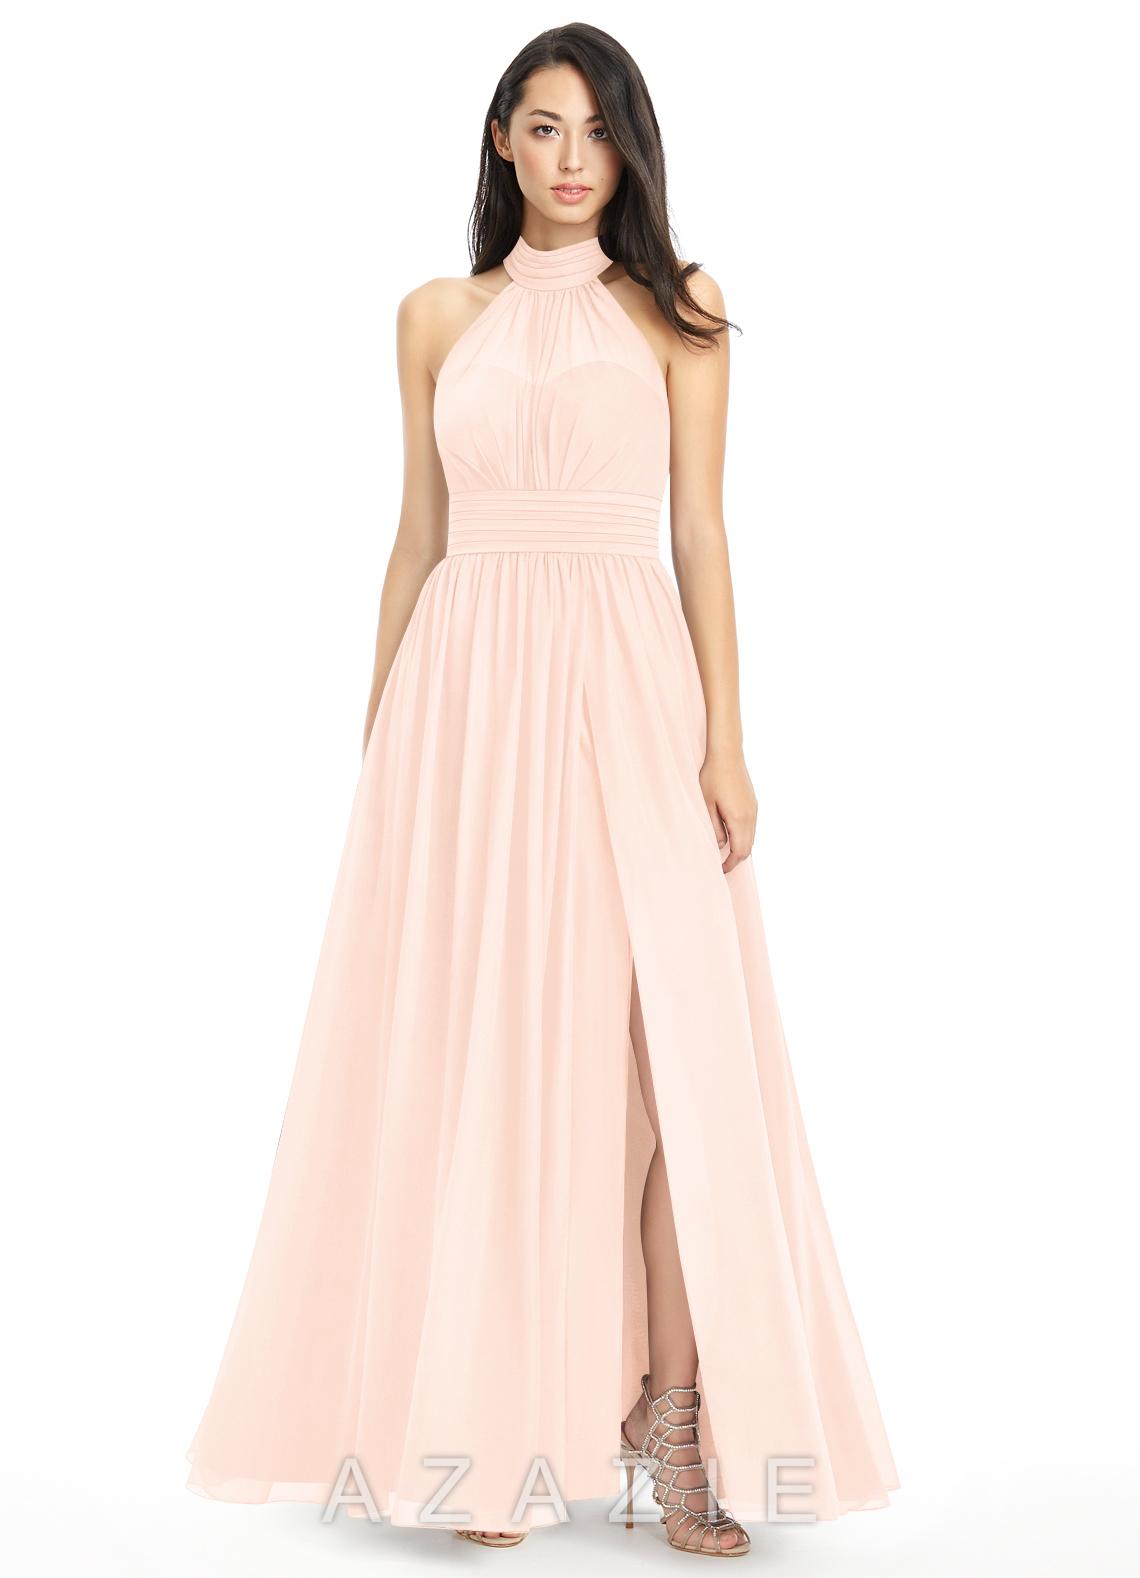 3a33d90ad2f Azazie Iman Bridesmaid Dresses